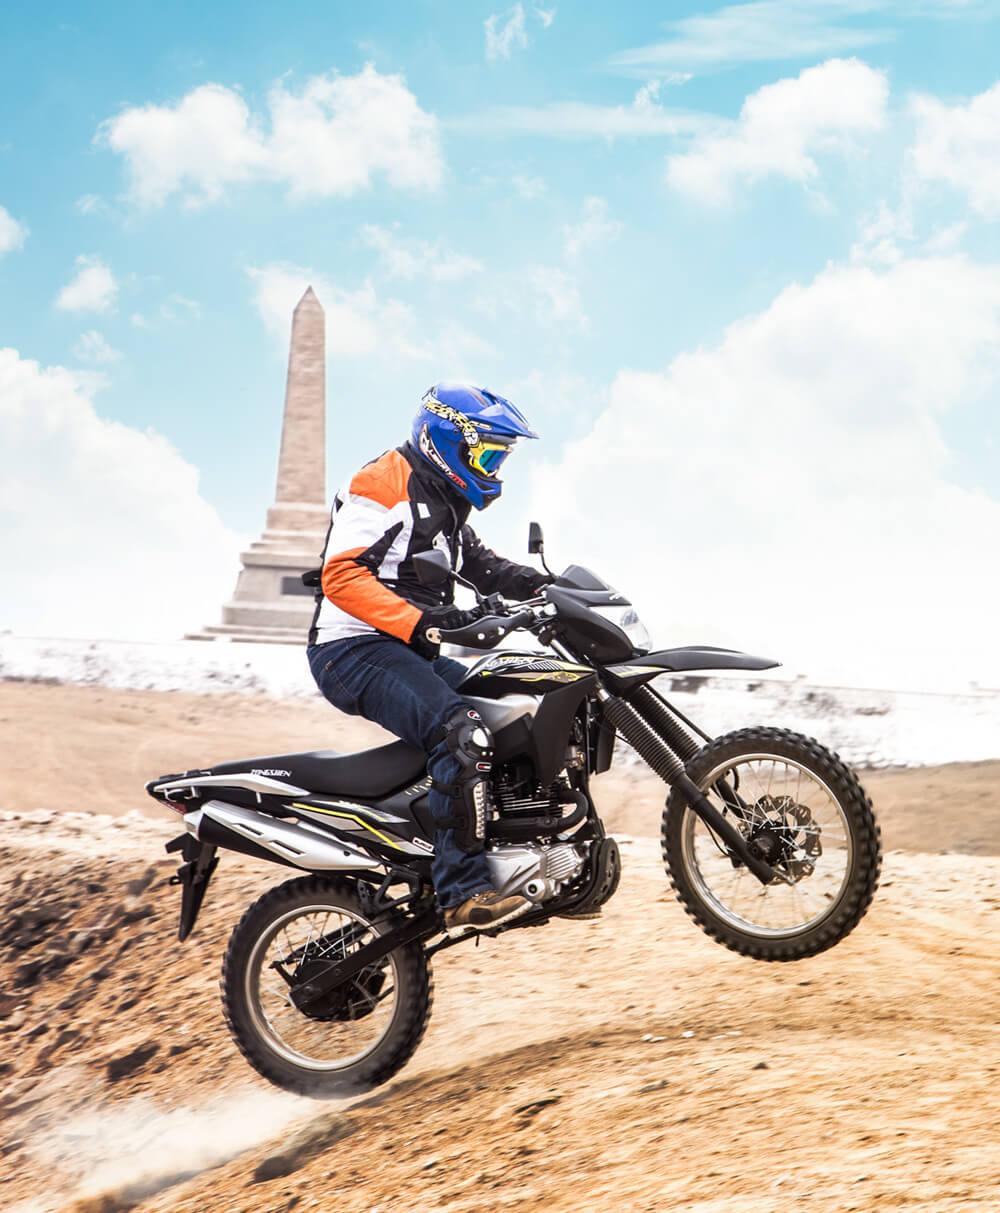 Motocicleta-Triax200-vista1